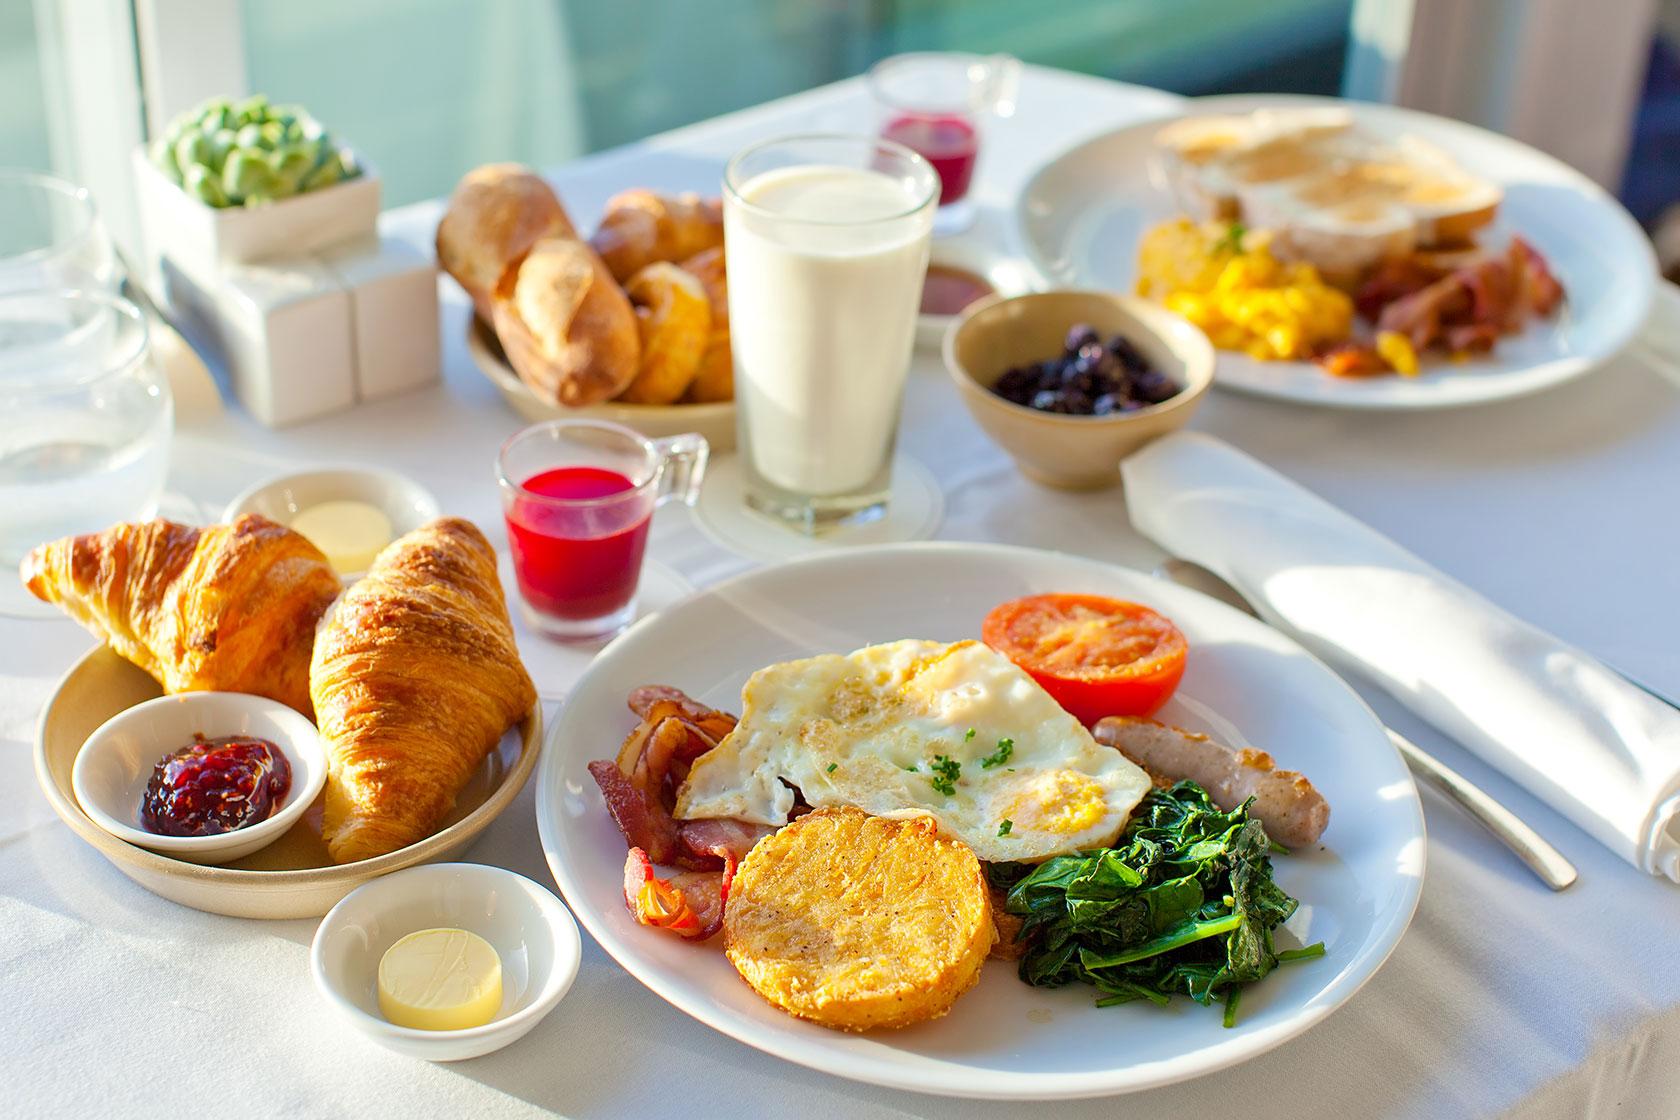 Рецепты вторых блюд при гастрите — что кушать кроме каш